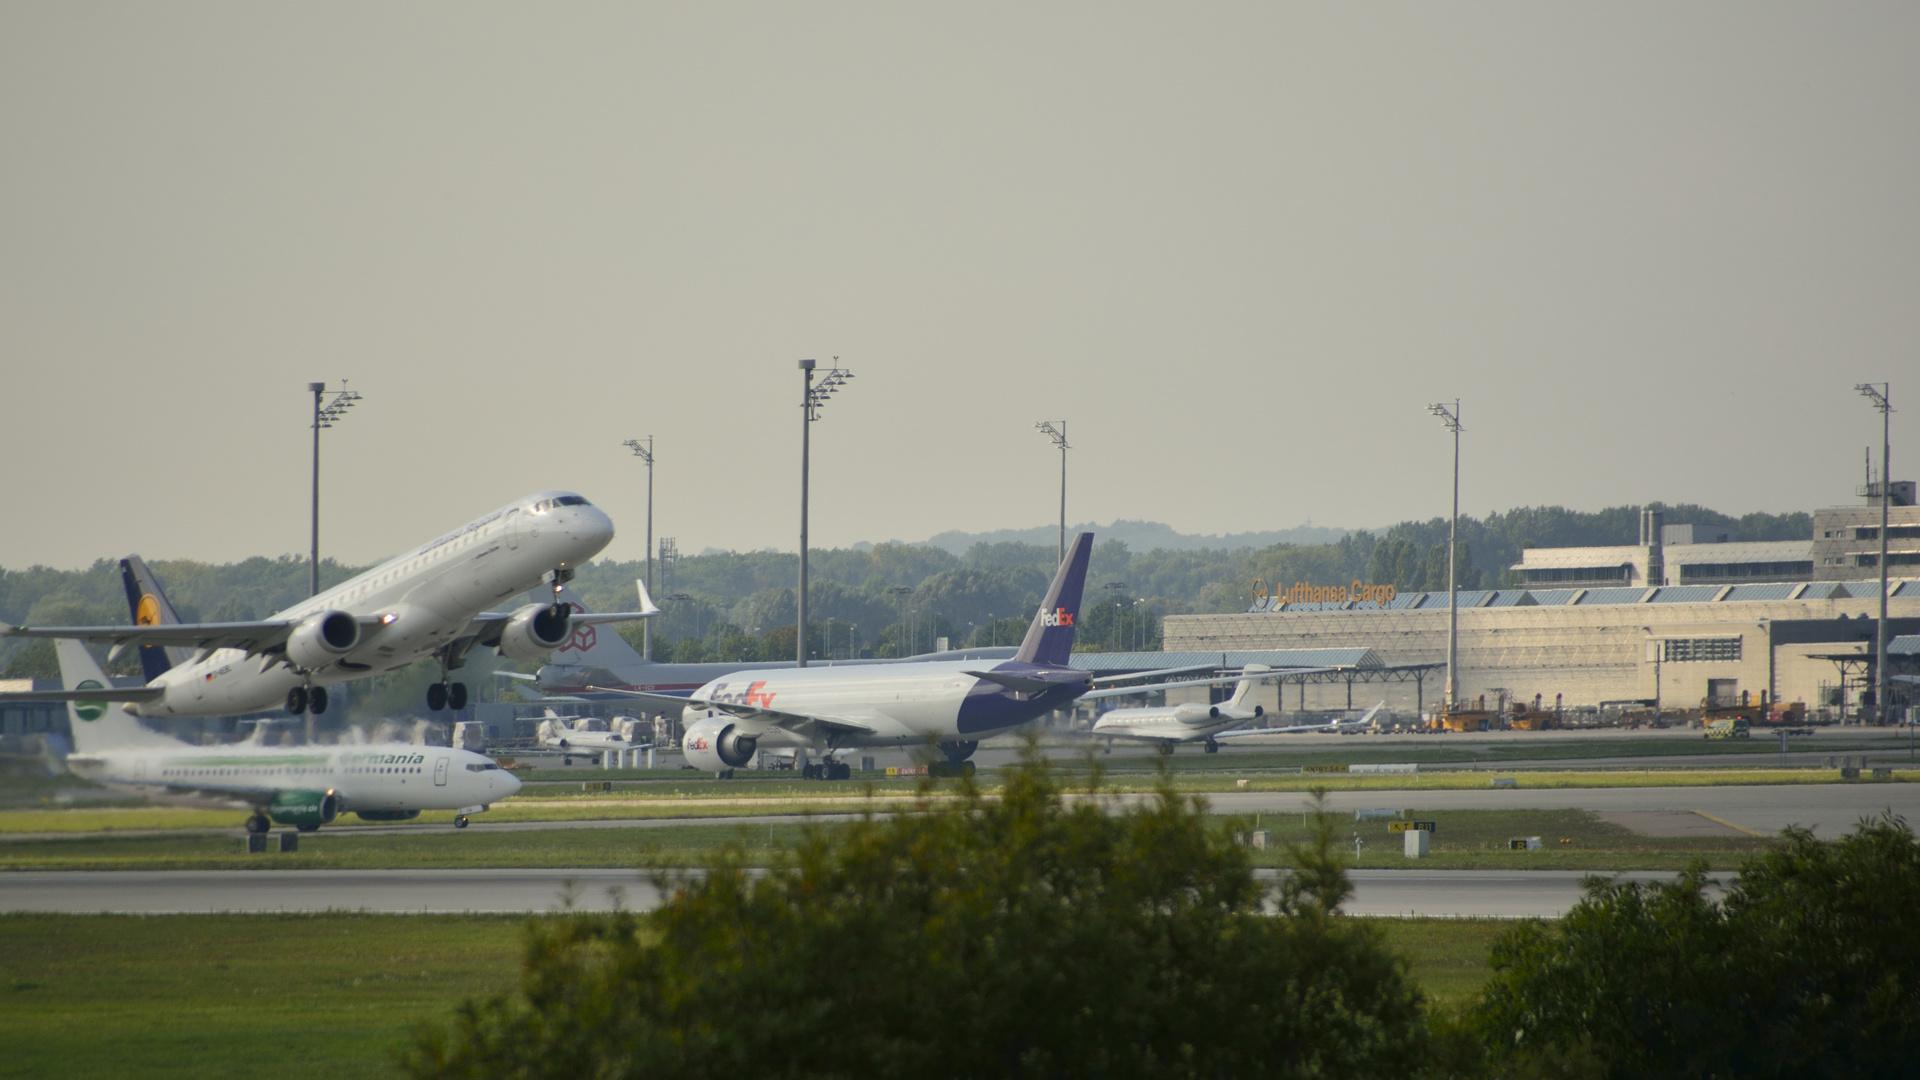 Flughafen München Start .......................